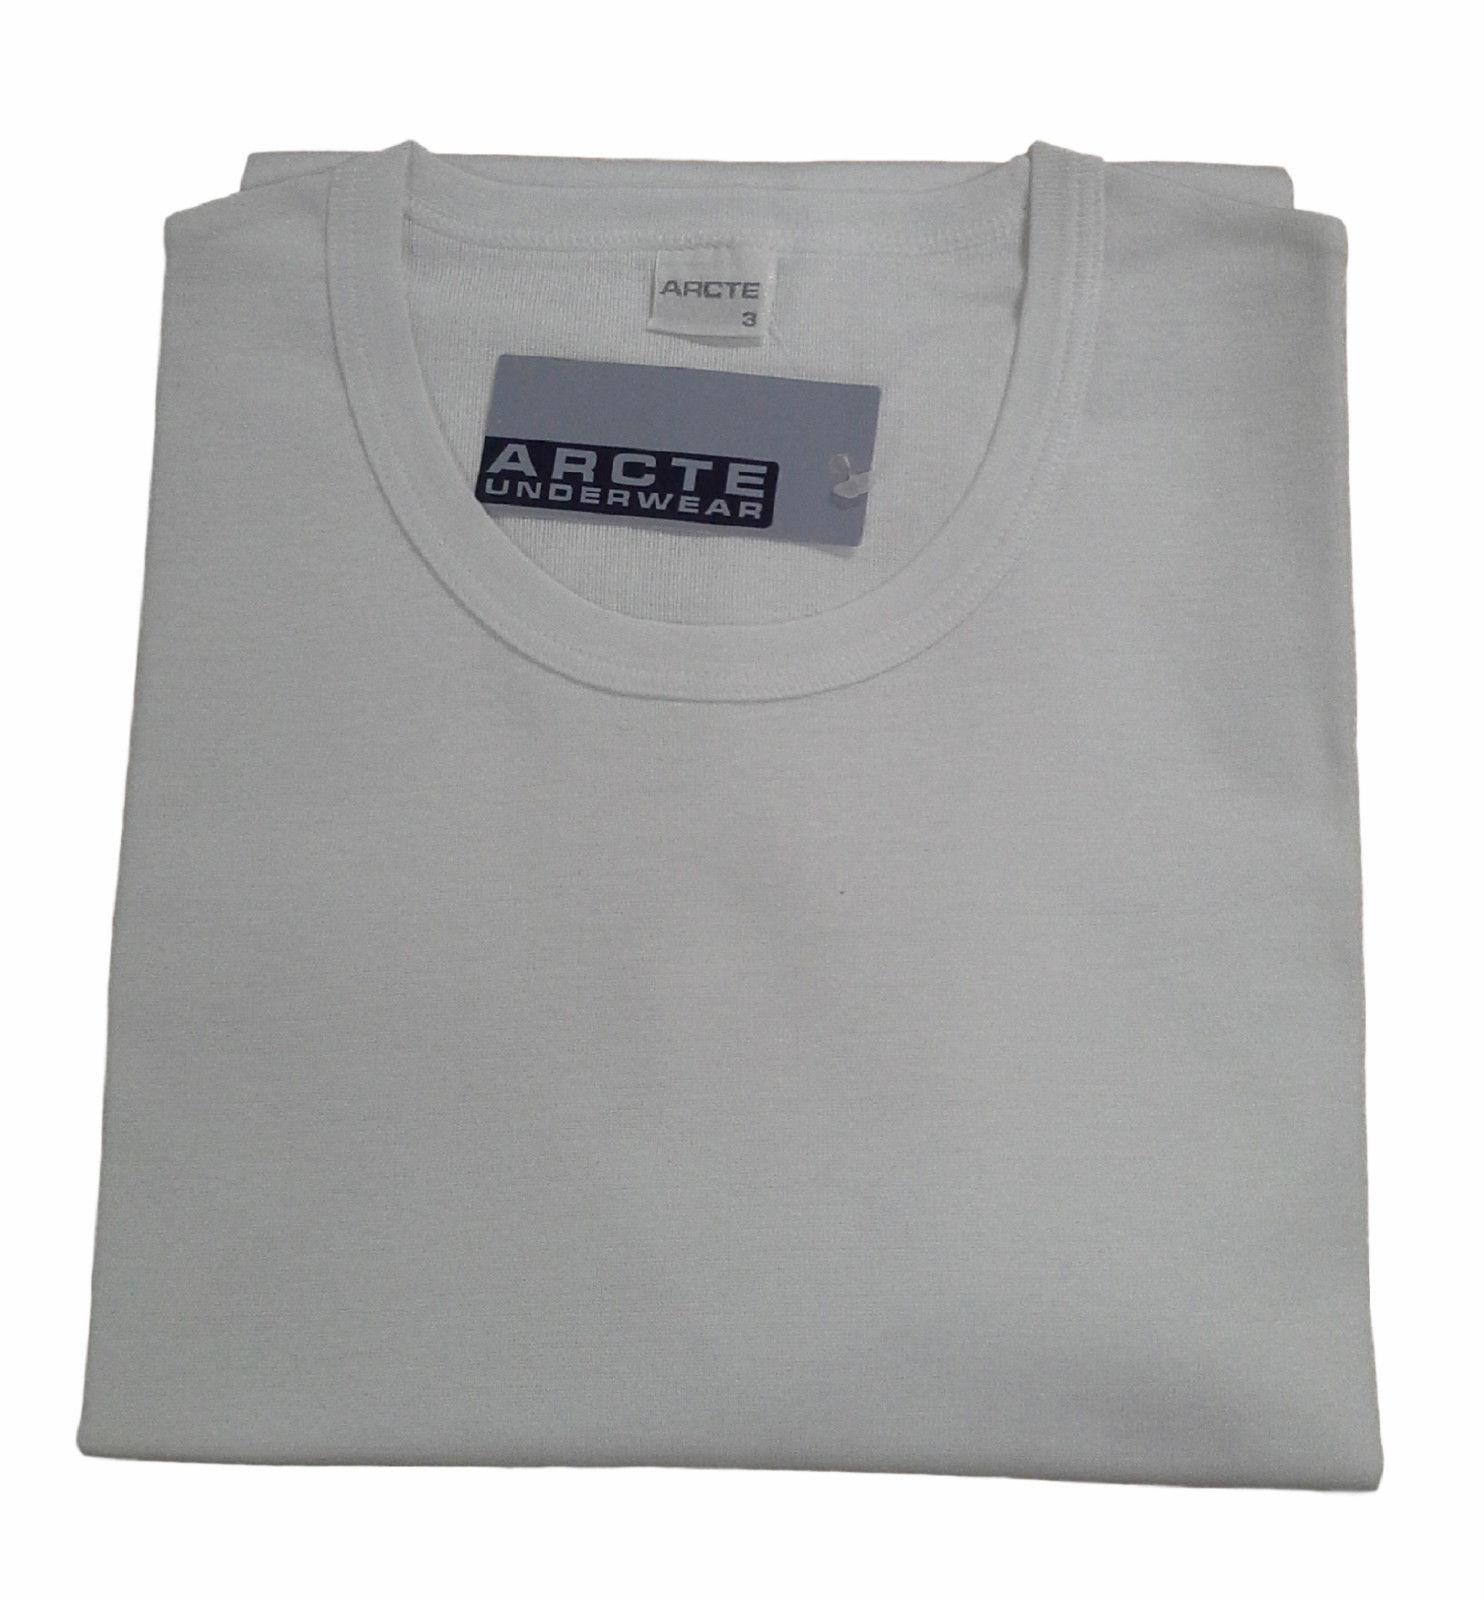 ARCTE, CARILLON. T-shirt - Mezza manica. Uomo, Intimo. Girocollo. Filo di scozia